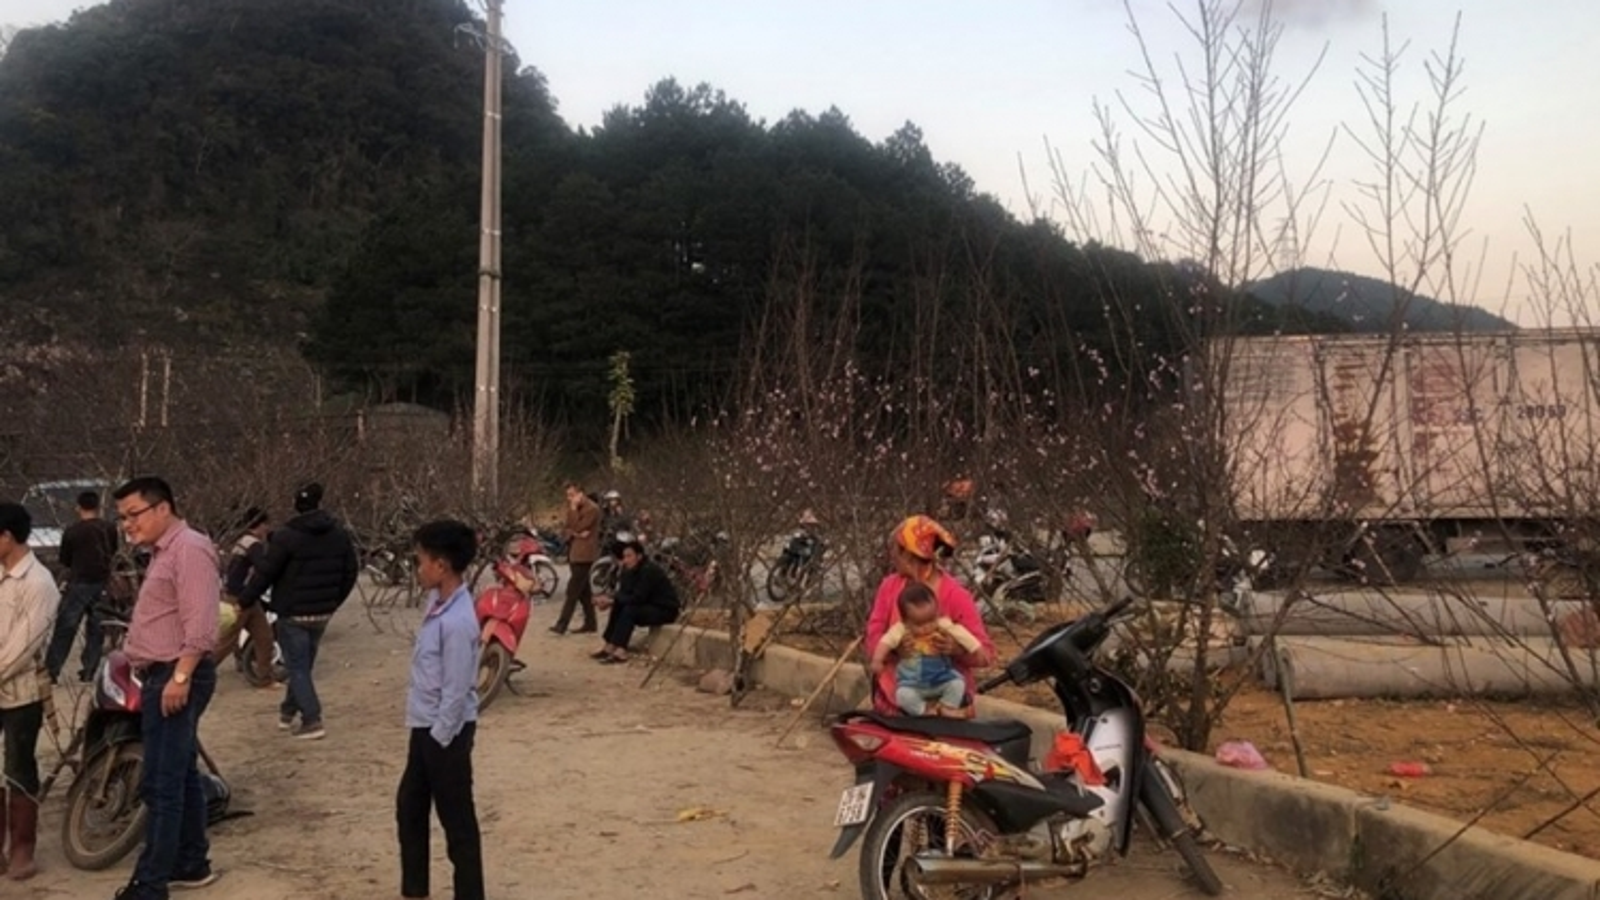 Bộ Nông nghiệp yêu cầu truy xuất nguồn gốc cây đào do người dân trồng